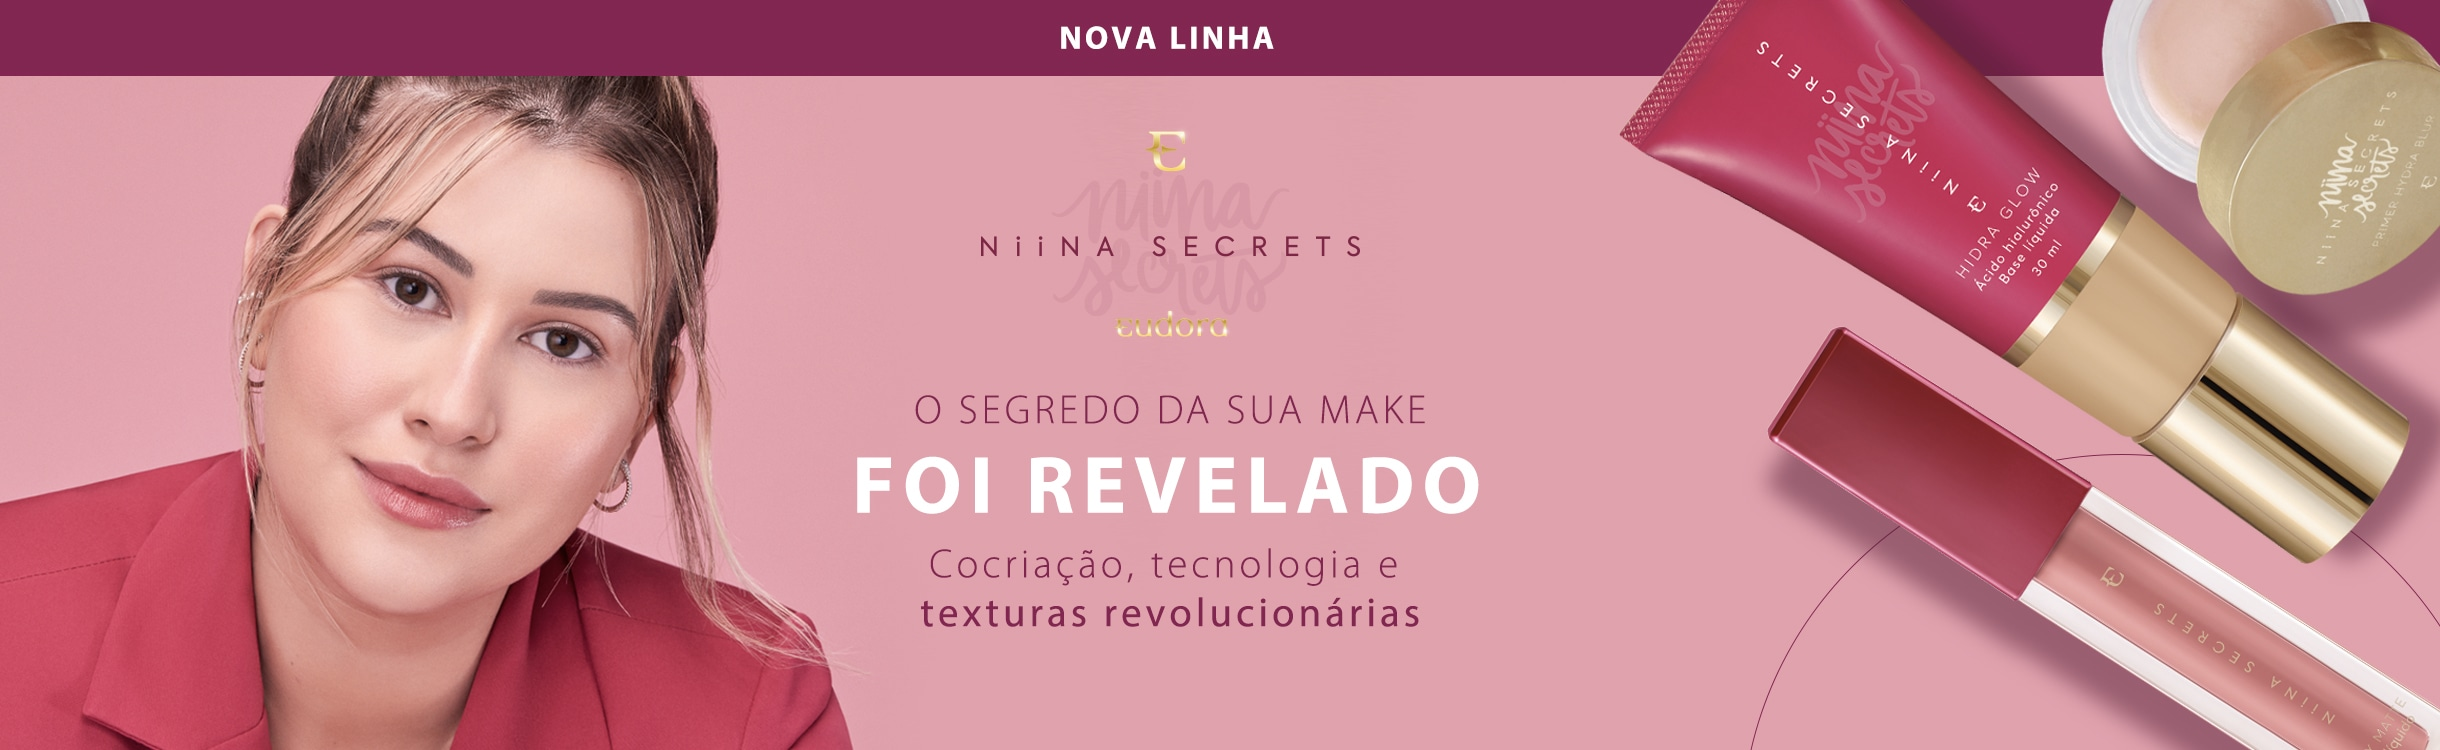 Eudora Niina Secrets